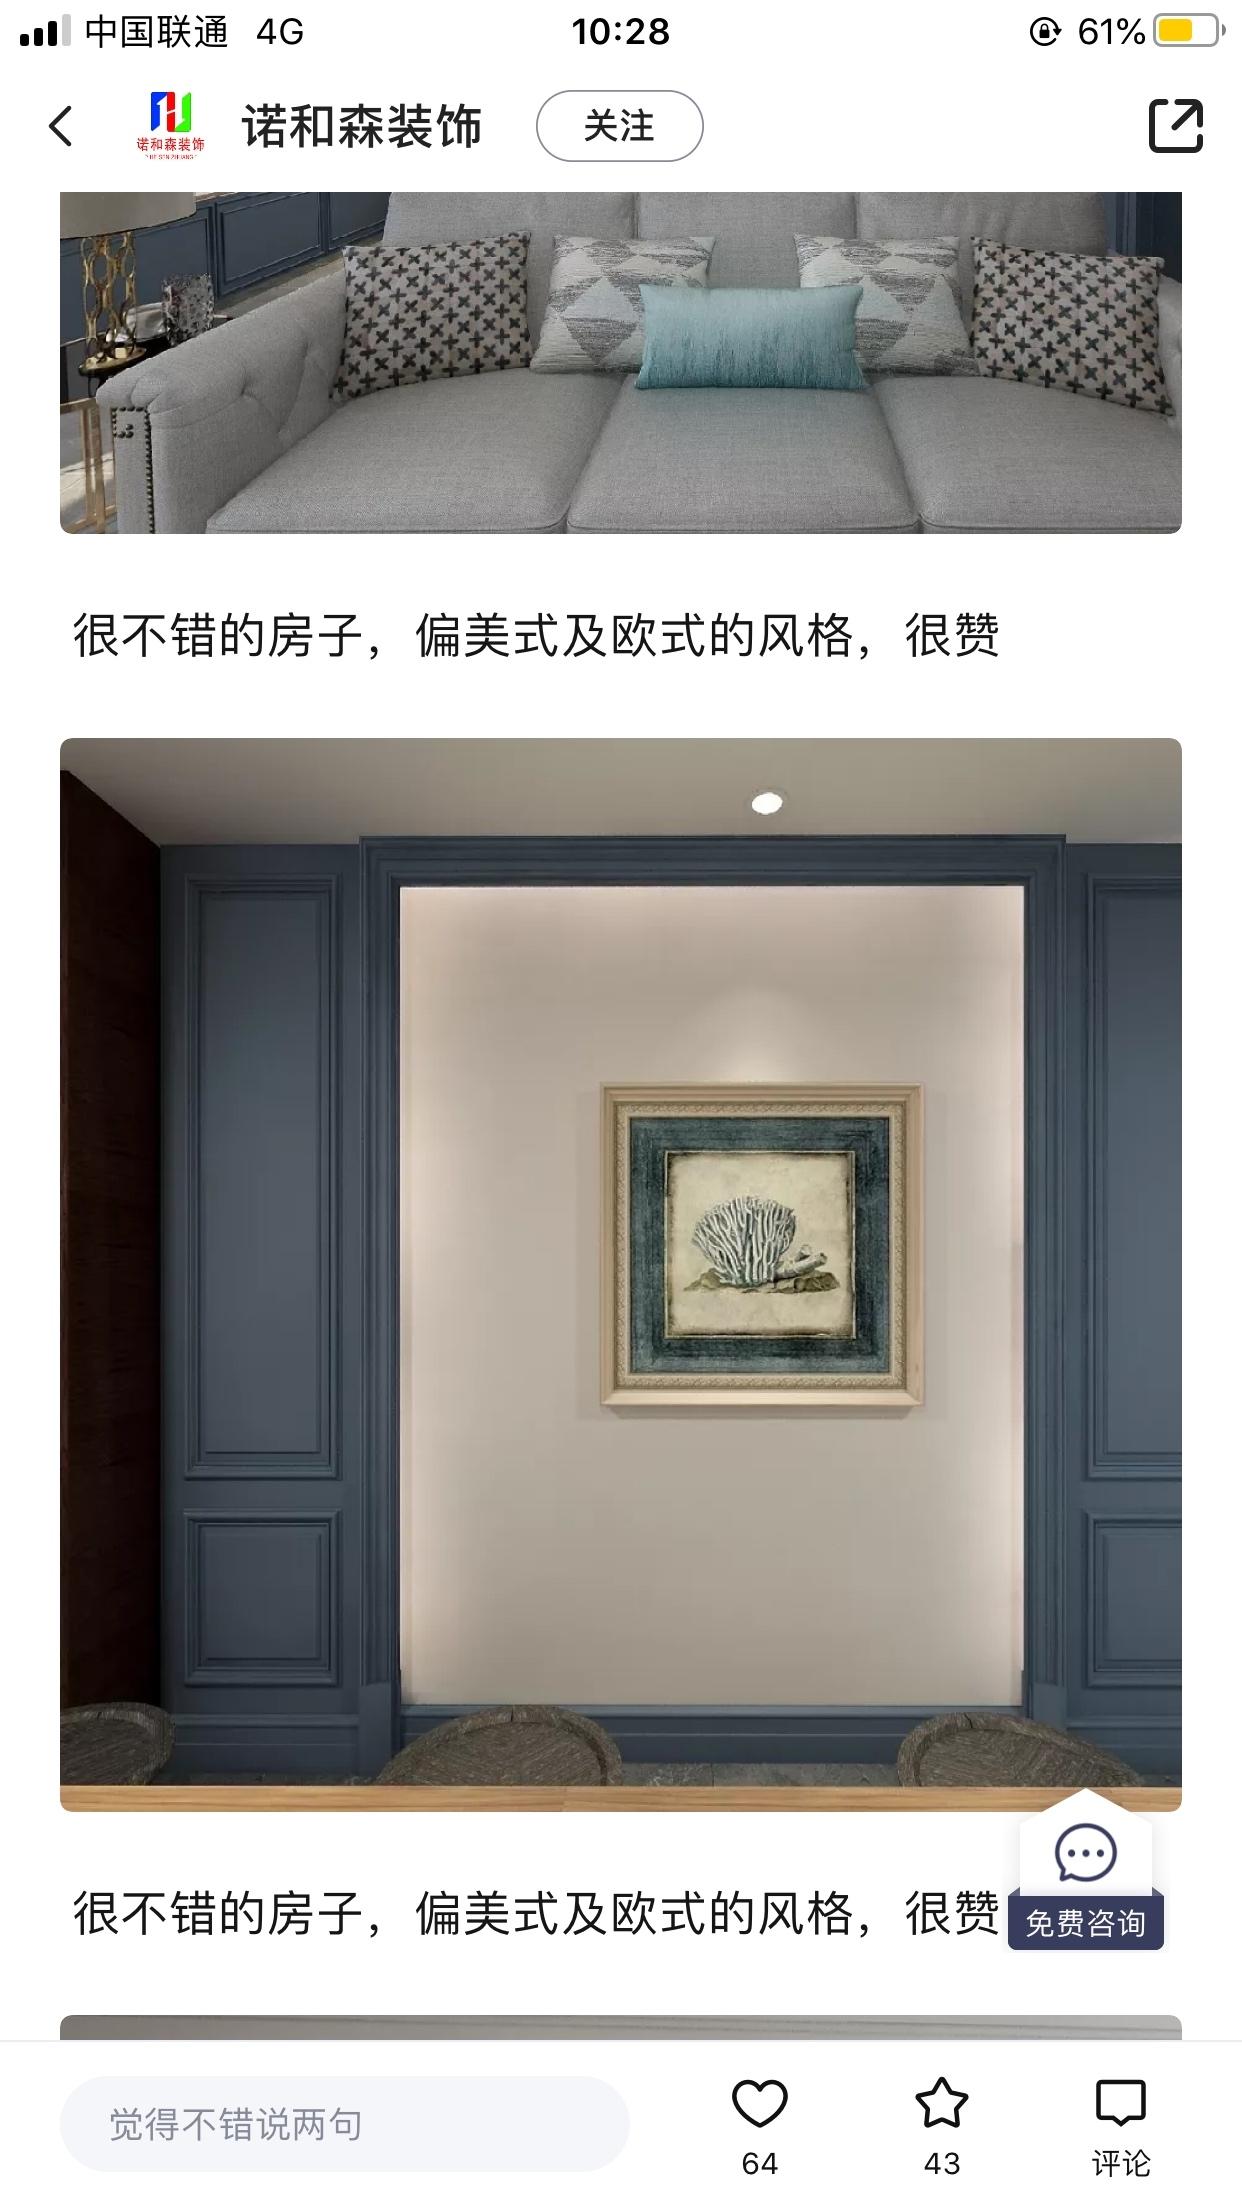 各位大神,美式风格装修 实木色选用深蓝色(电视背景墙)灰色(其余)搭配好不好看?